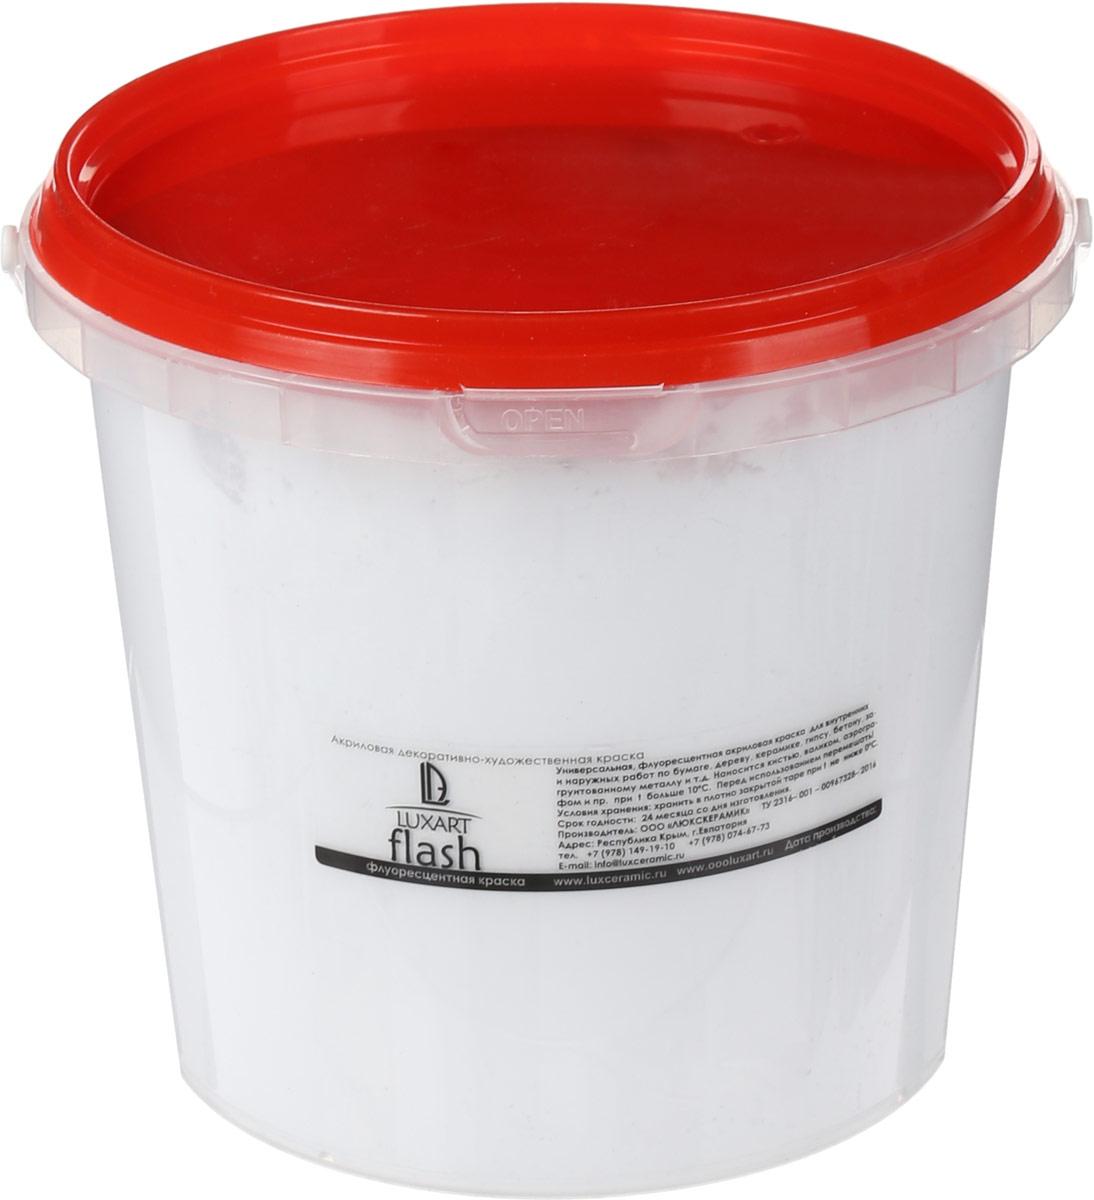 Luxart Краска акриловая LuxFlash цвет белый флуоресцентный 1000 мл -  Краски